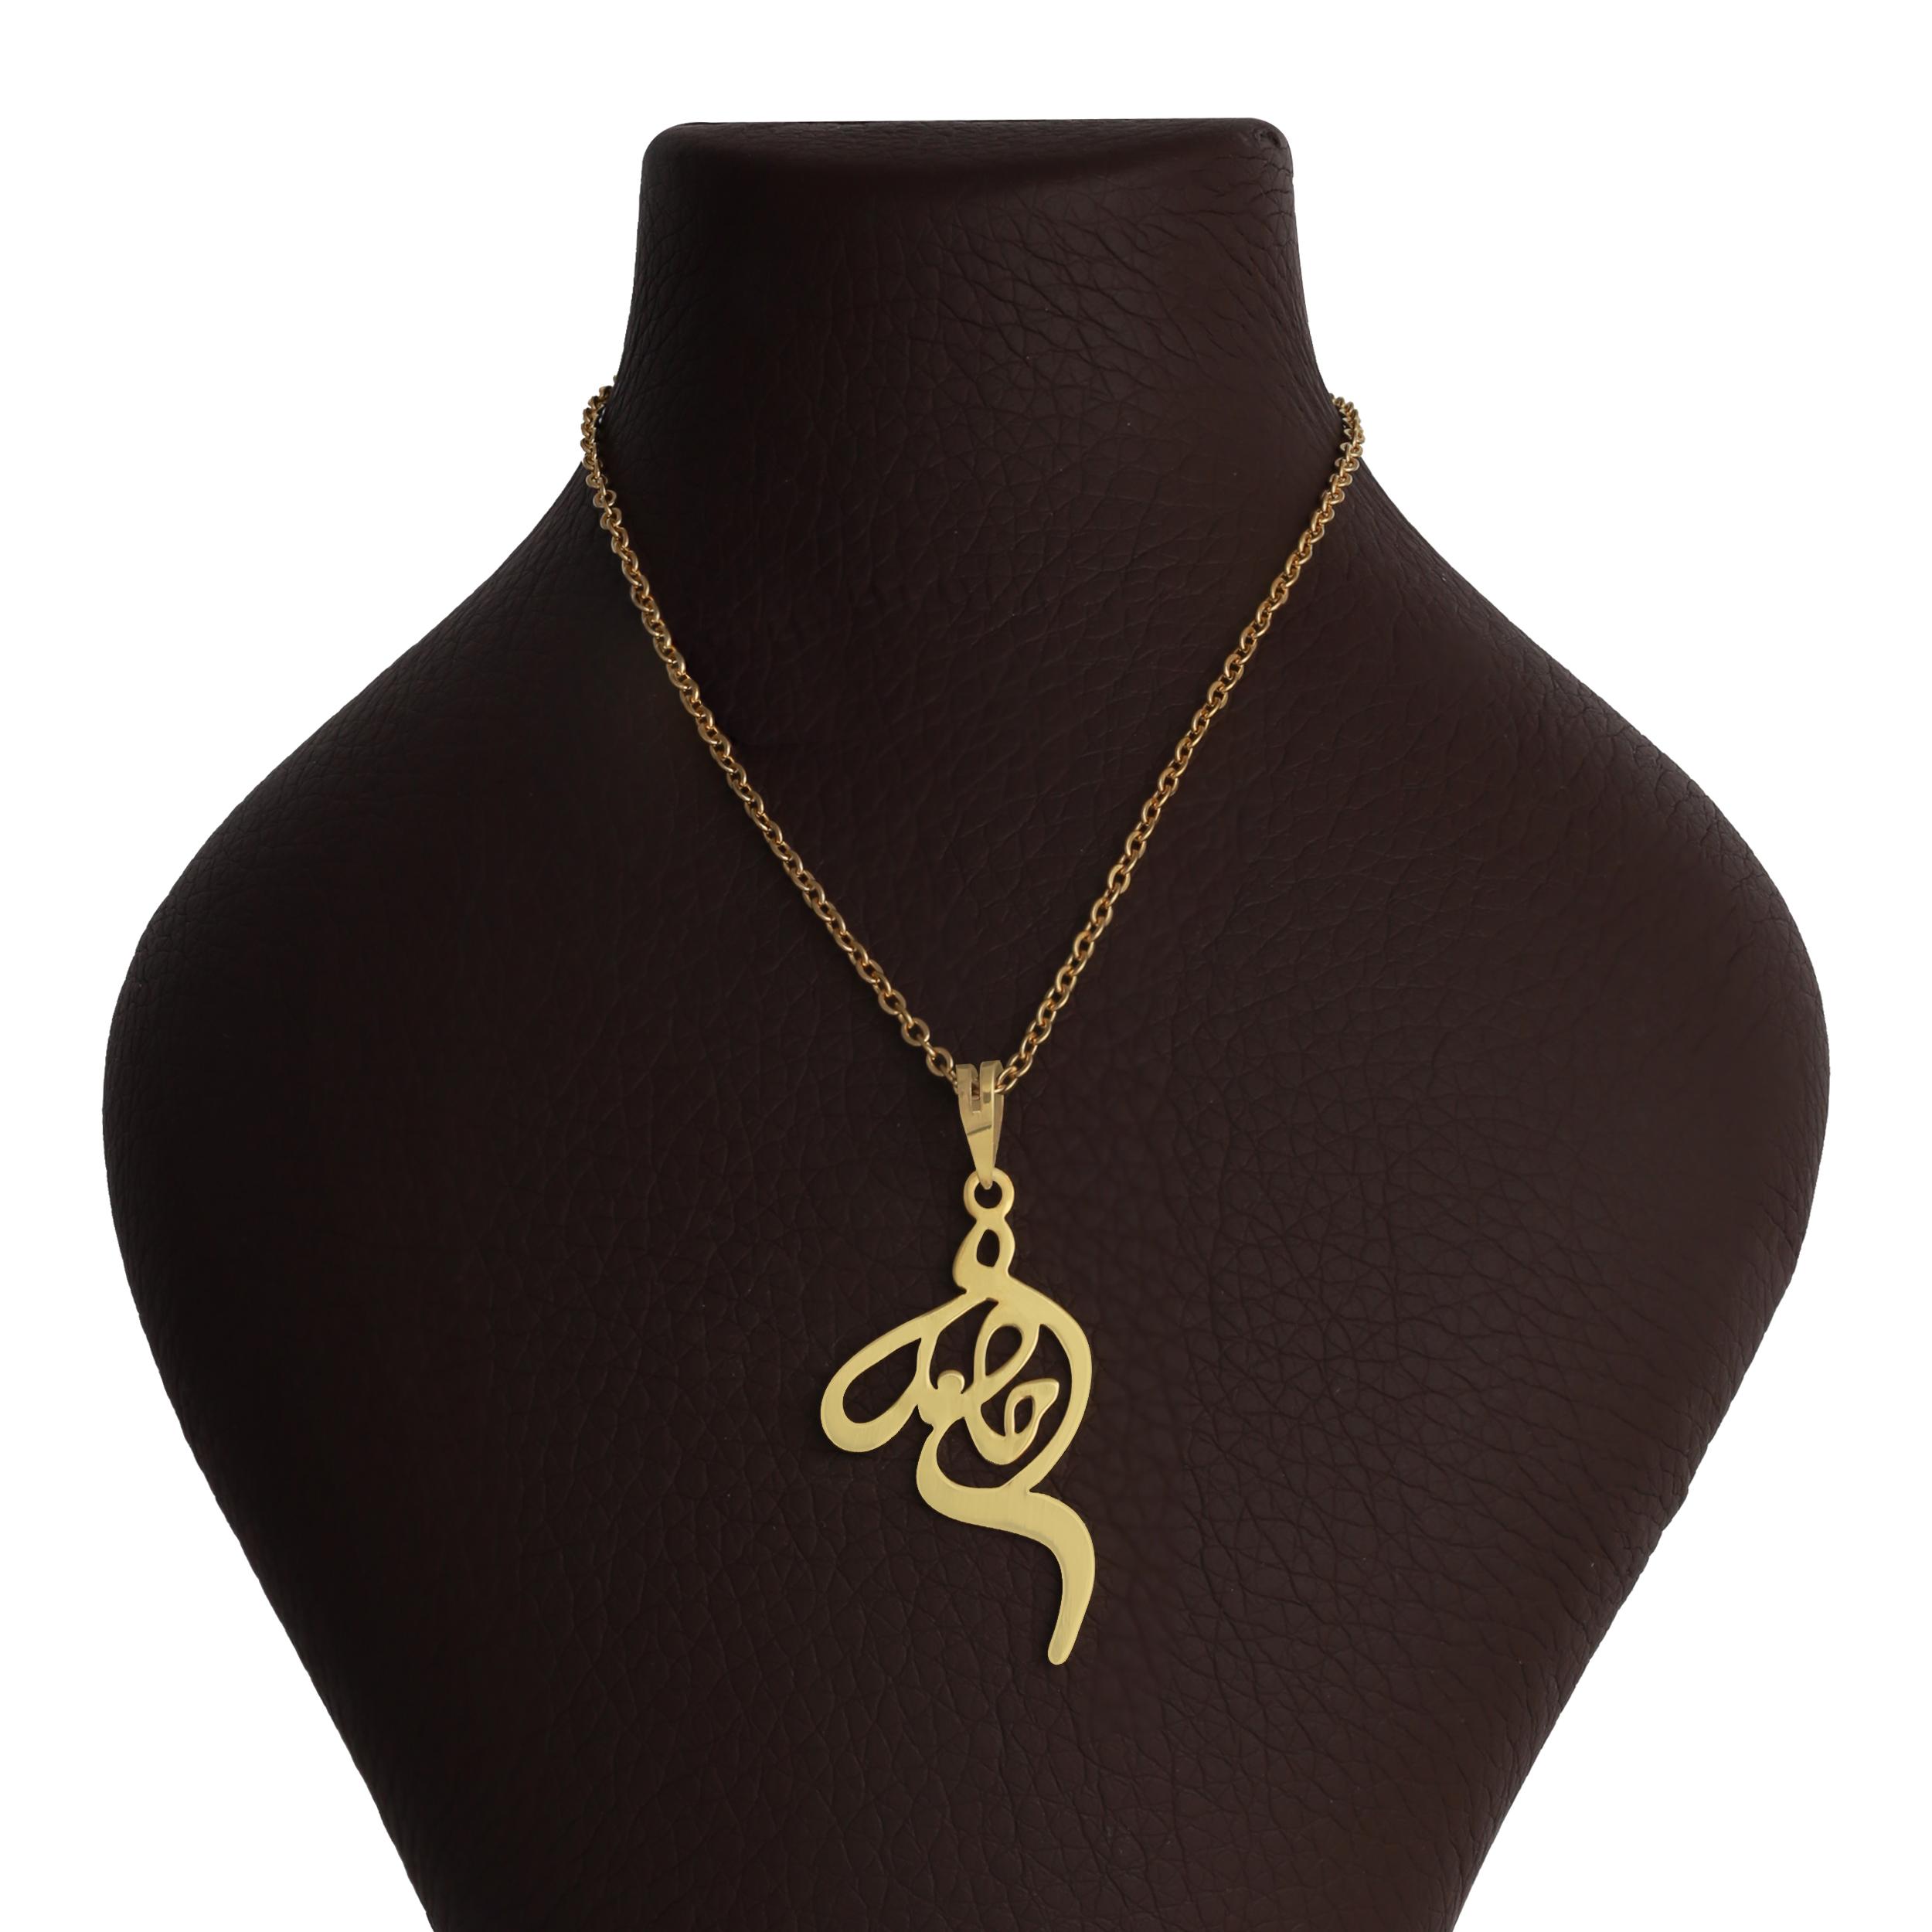 گردنبند طلا 18 عیار زنانه آمانژ طرح حامد کد 1101D9025